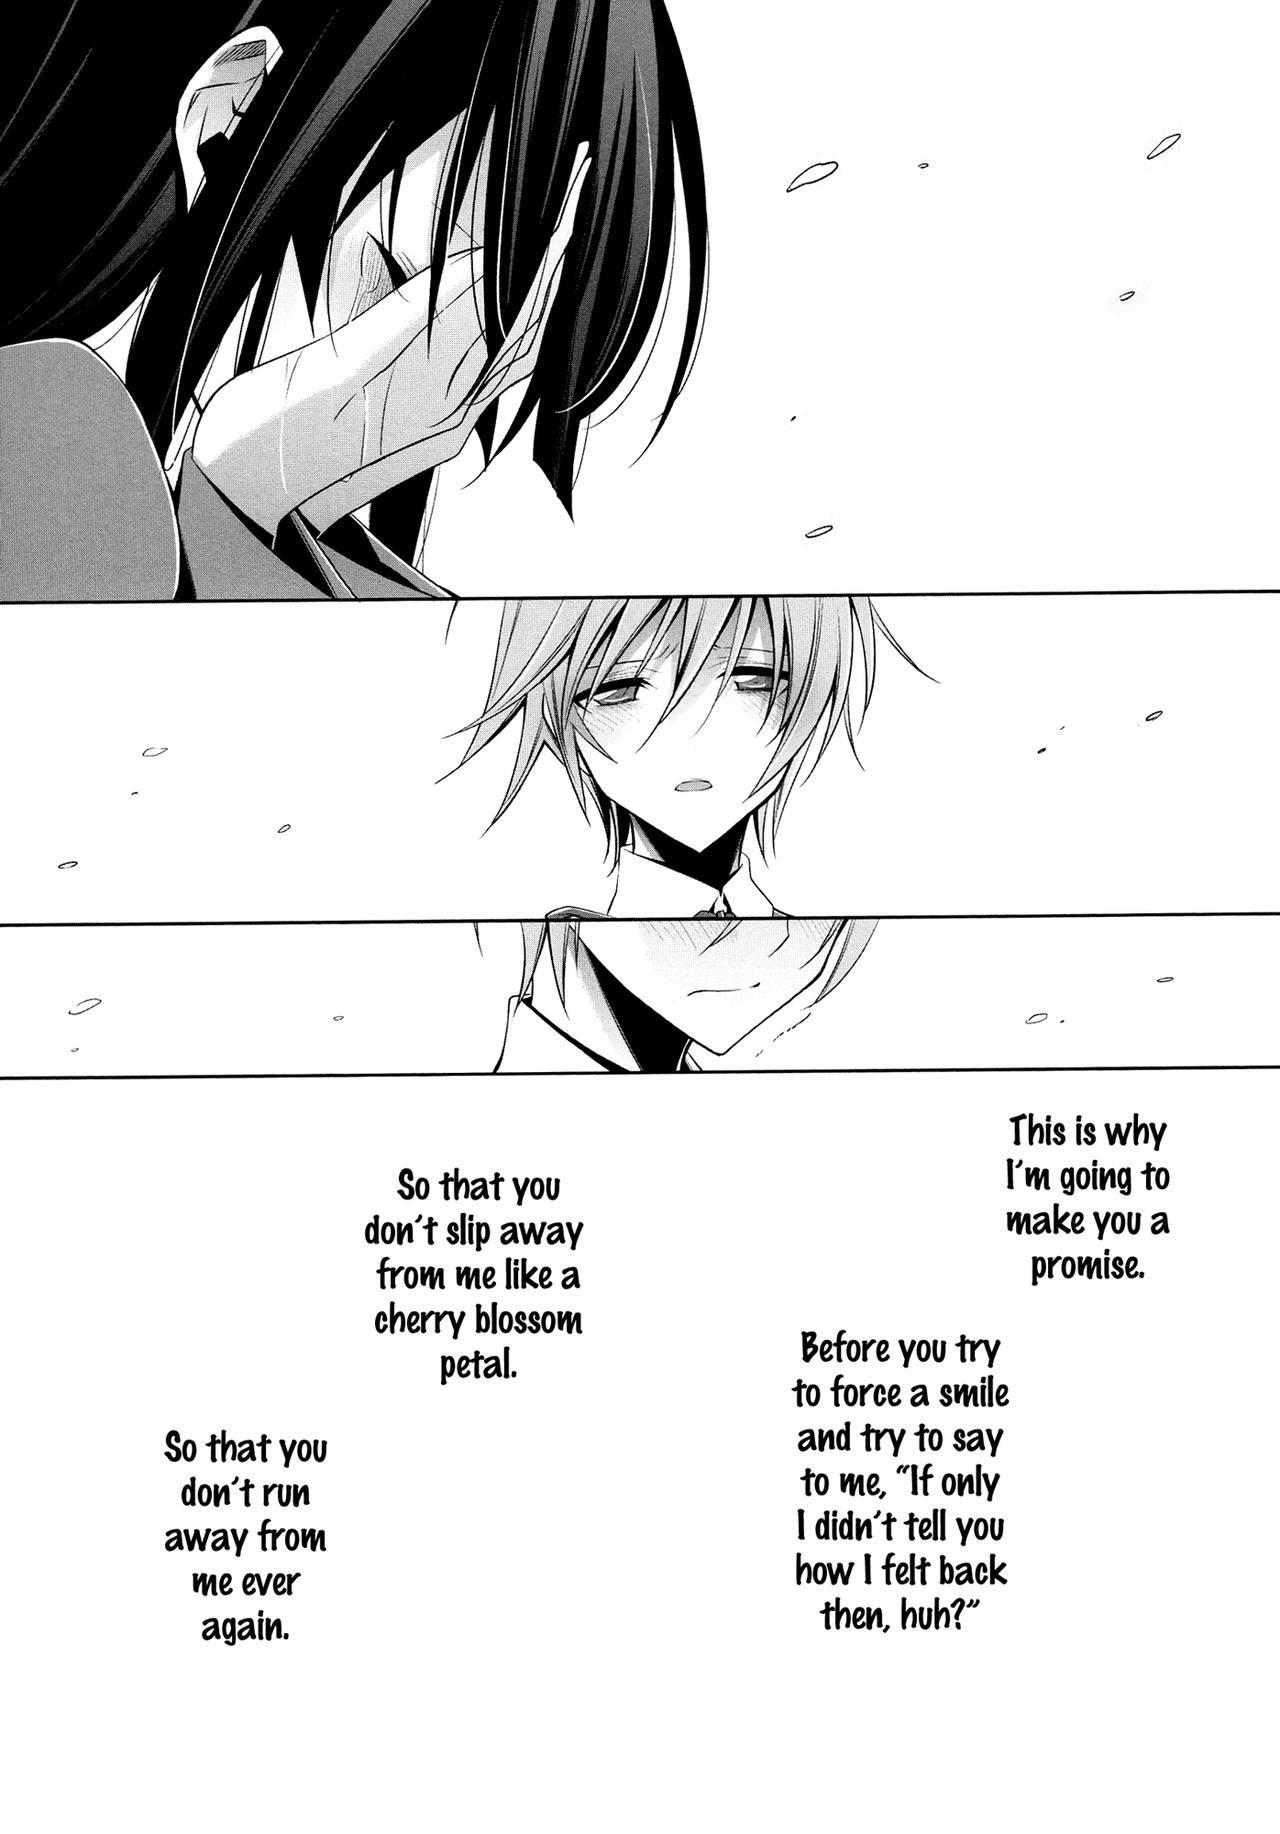 [Takano Saku] Osananajimi no Kimi - Kouhen | You, My Childhood Friend - Part 2 (Kanojo to Watashi no Himitsu no Koi) [English] [Yuri-ism] 10